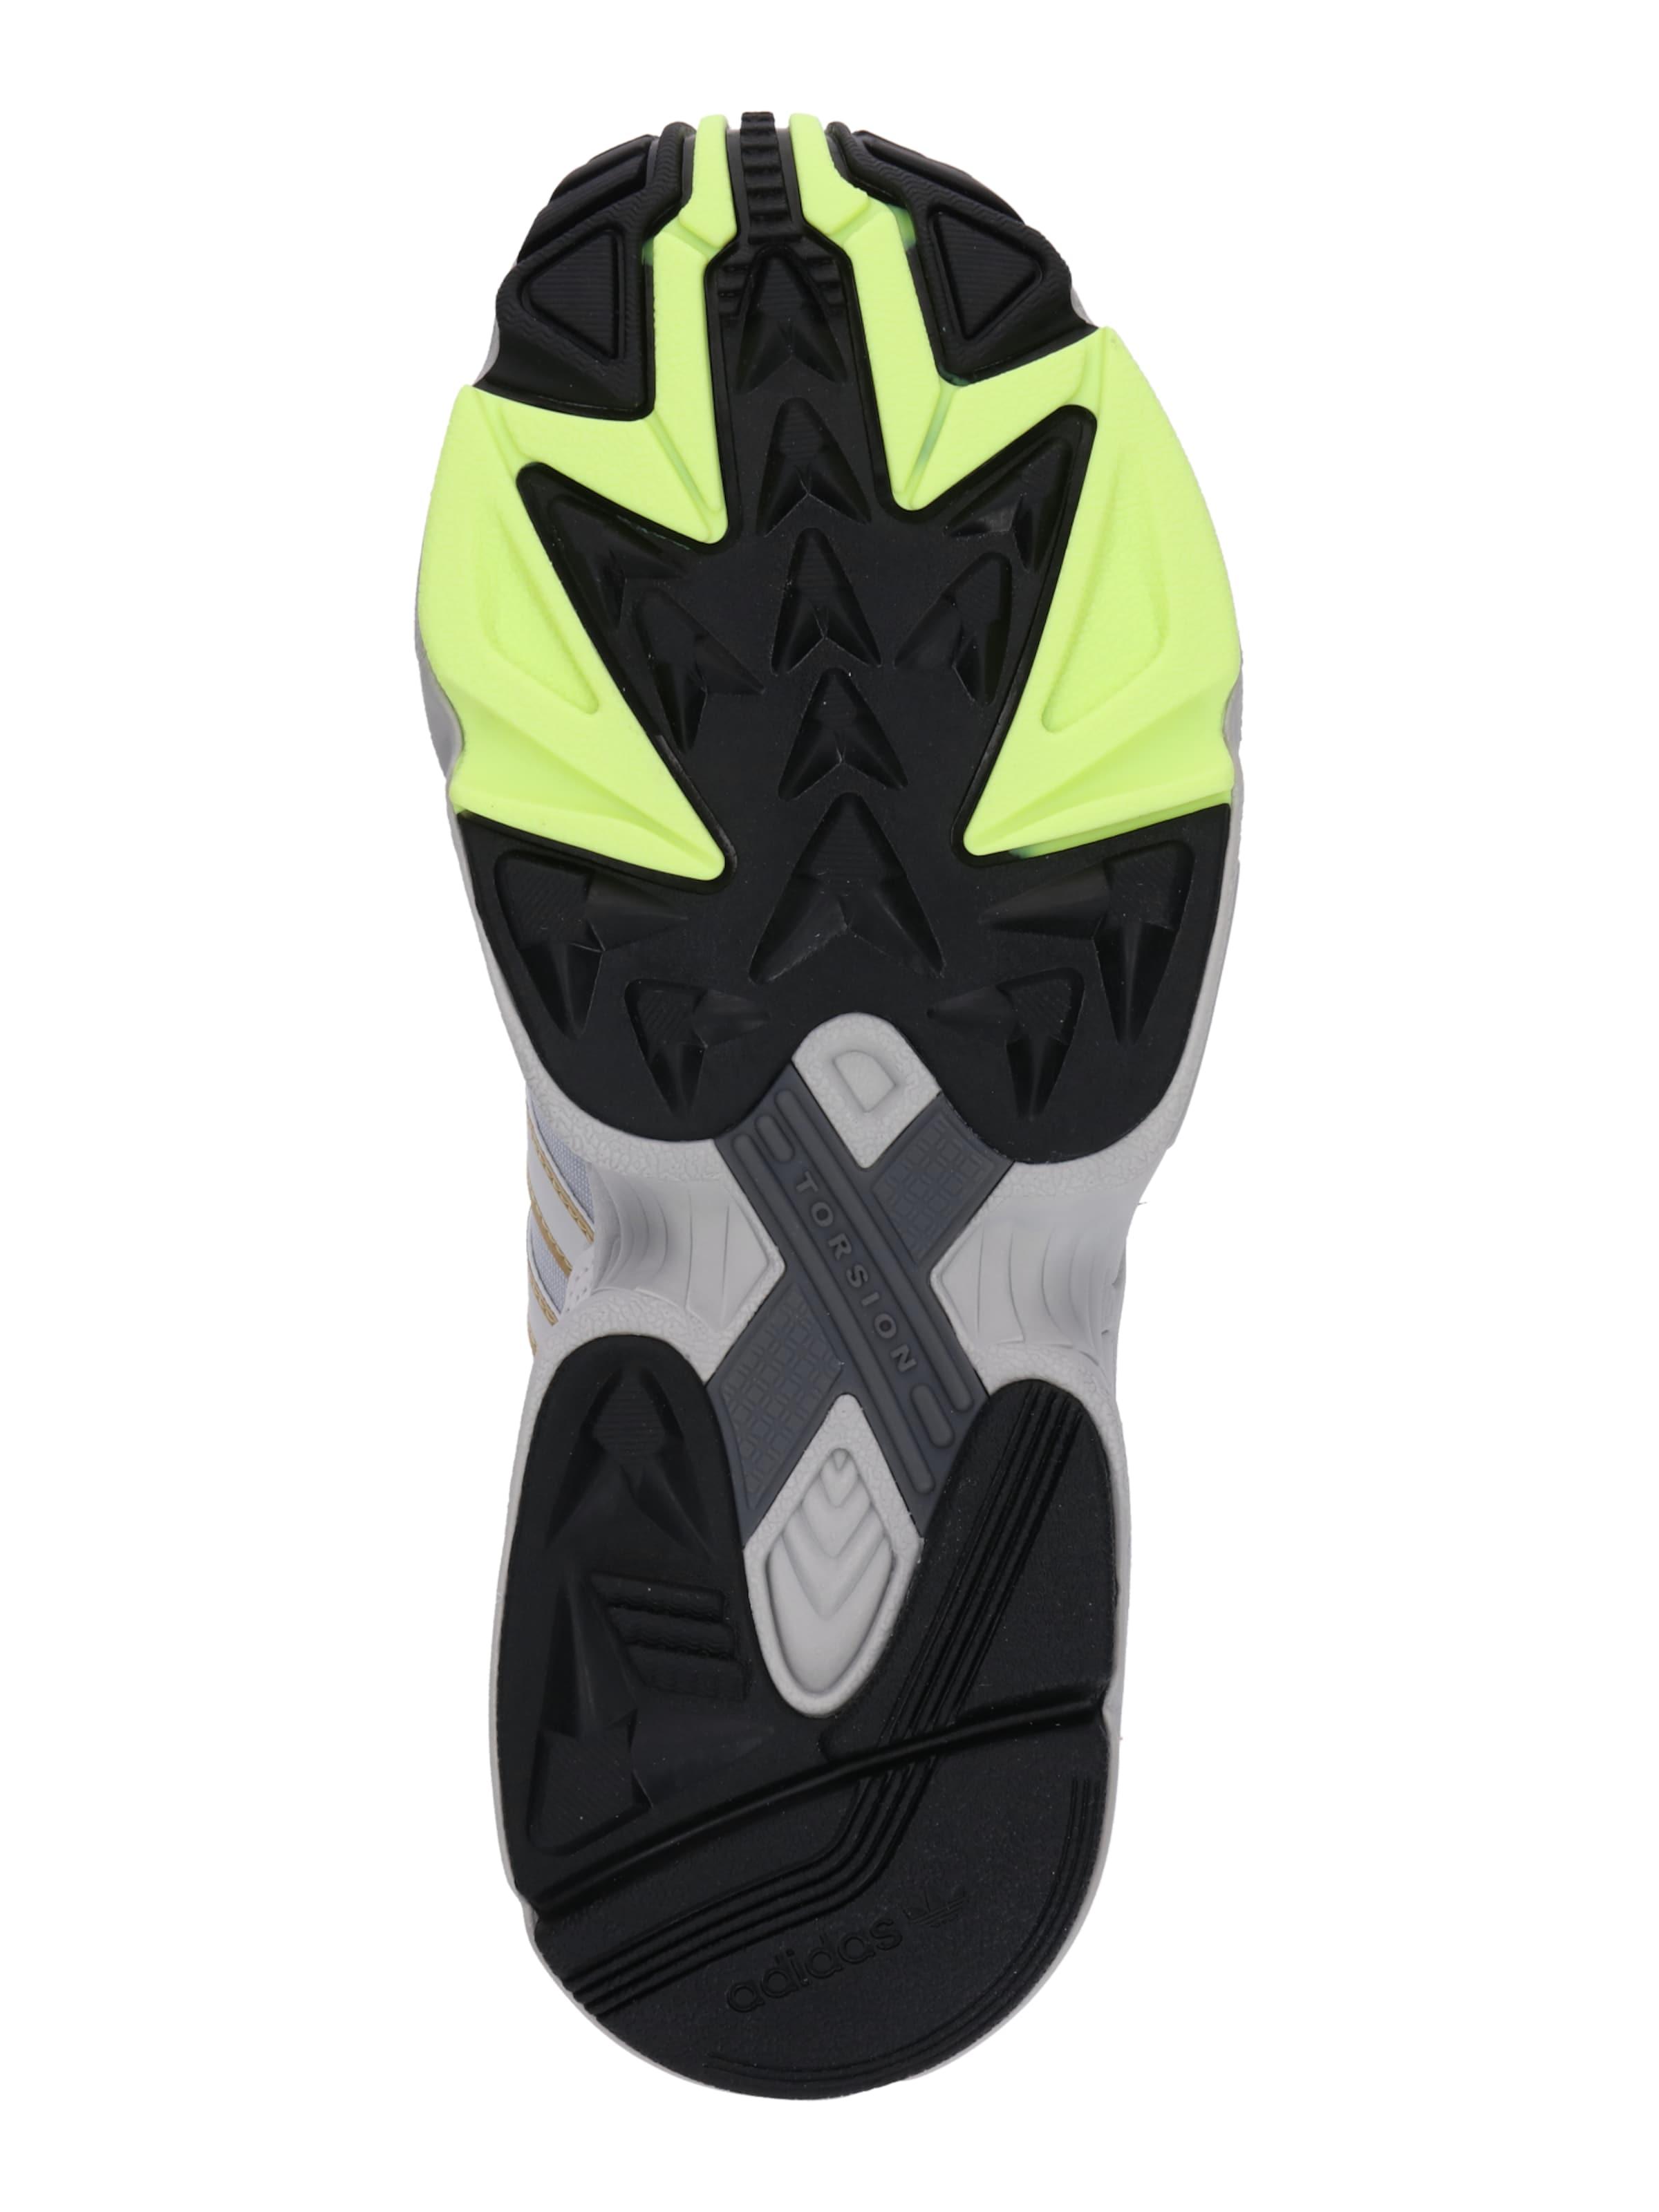 Originals In Sneaker GoldGrau Offwhite Adidas 96' 'yung f6yvYgb7